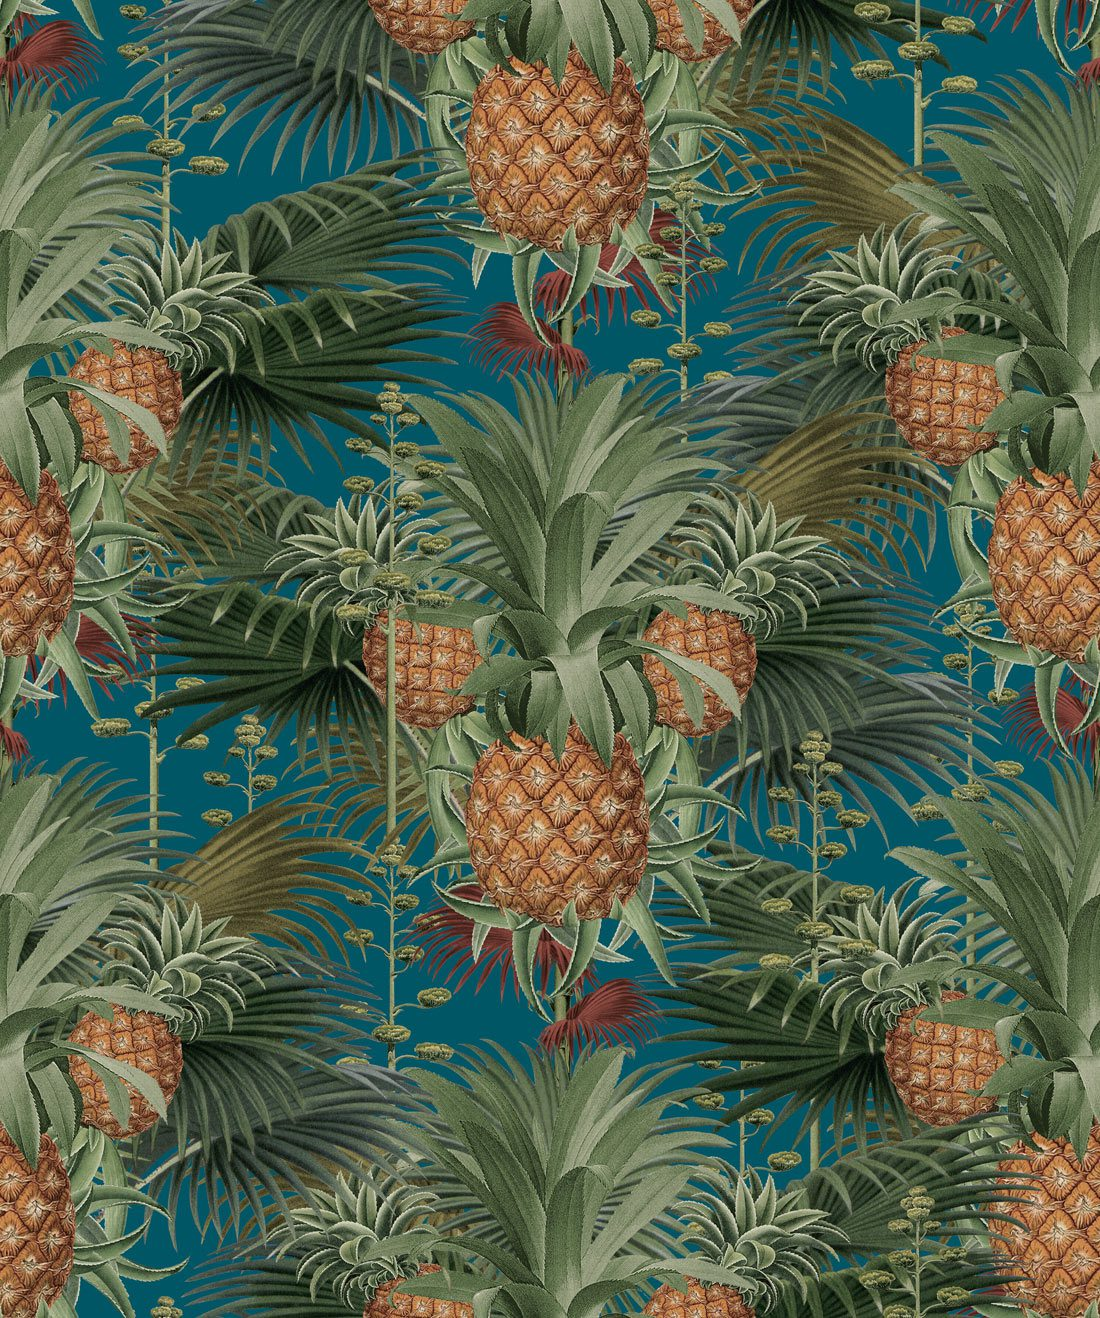 Pineapple Harvest Blue Moon